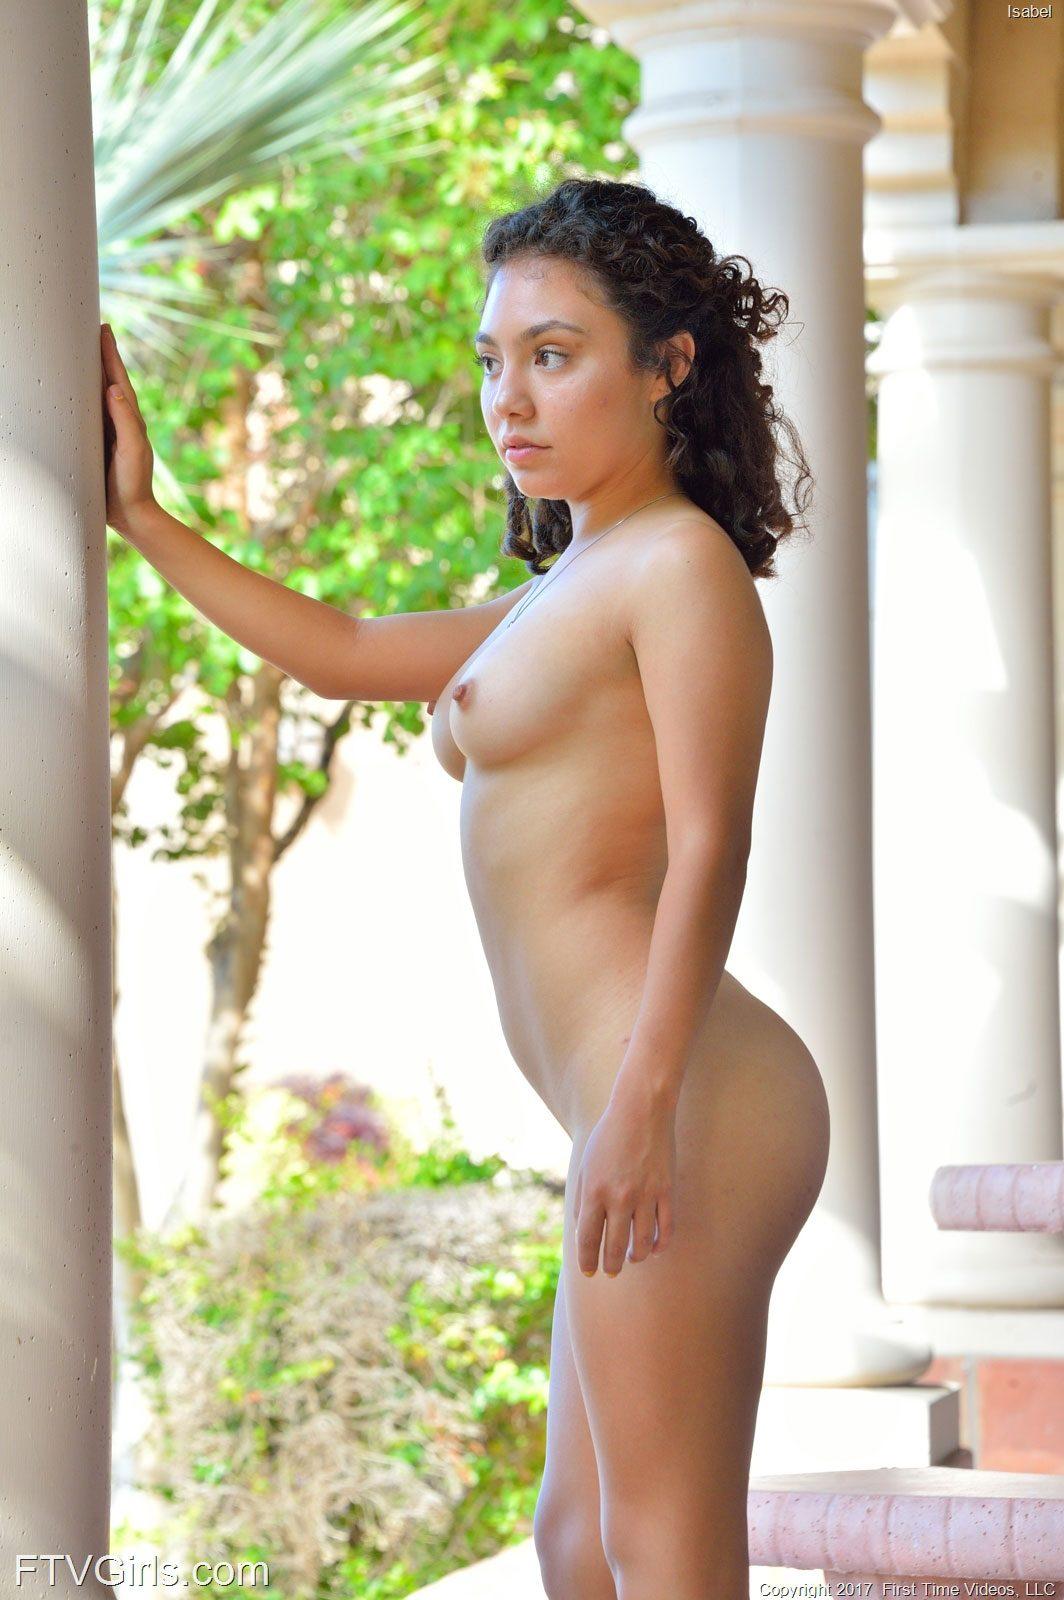 Ftv Girls Isabel Adult Desires - Fresh Nudes-6425